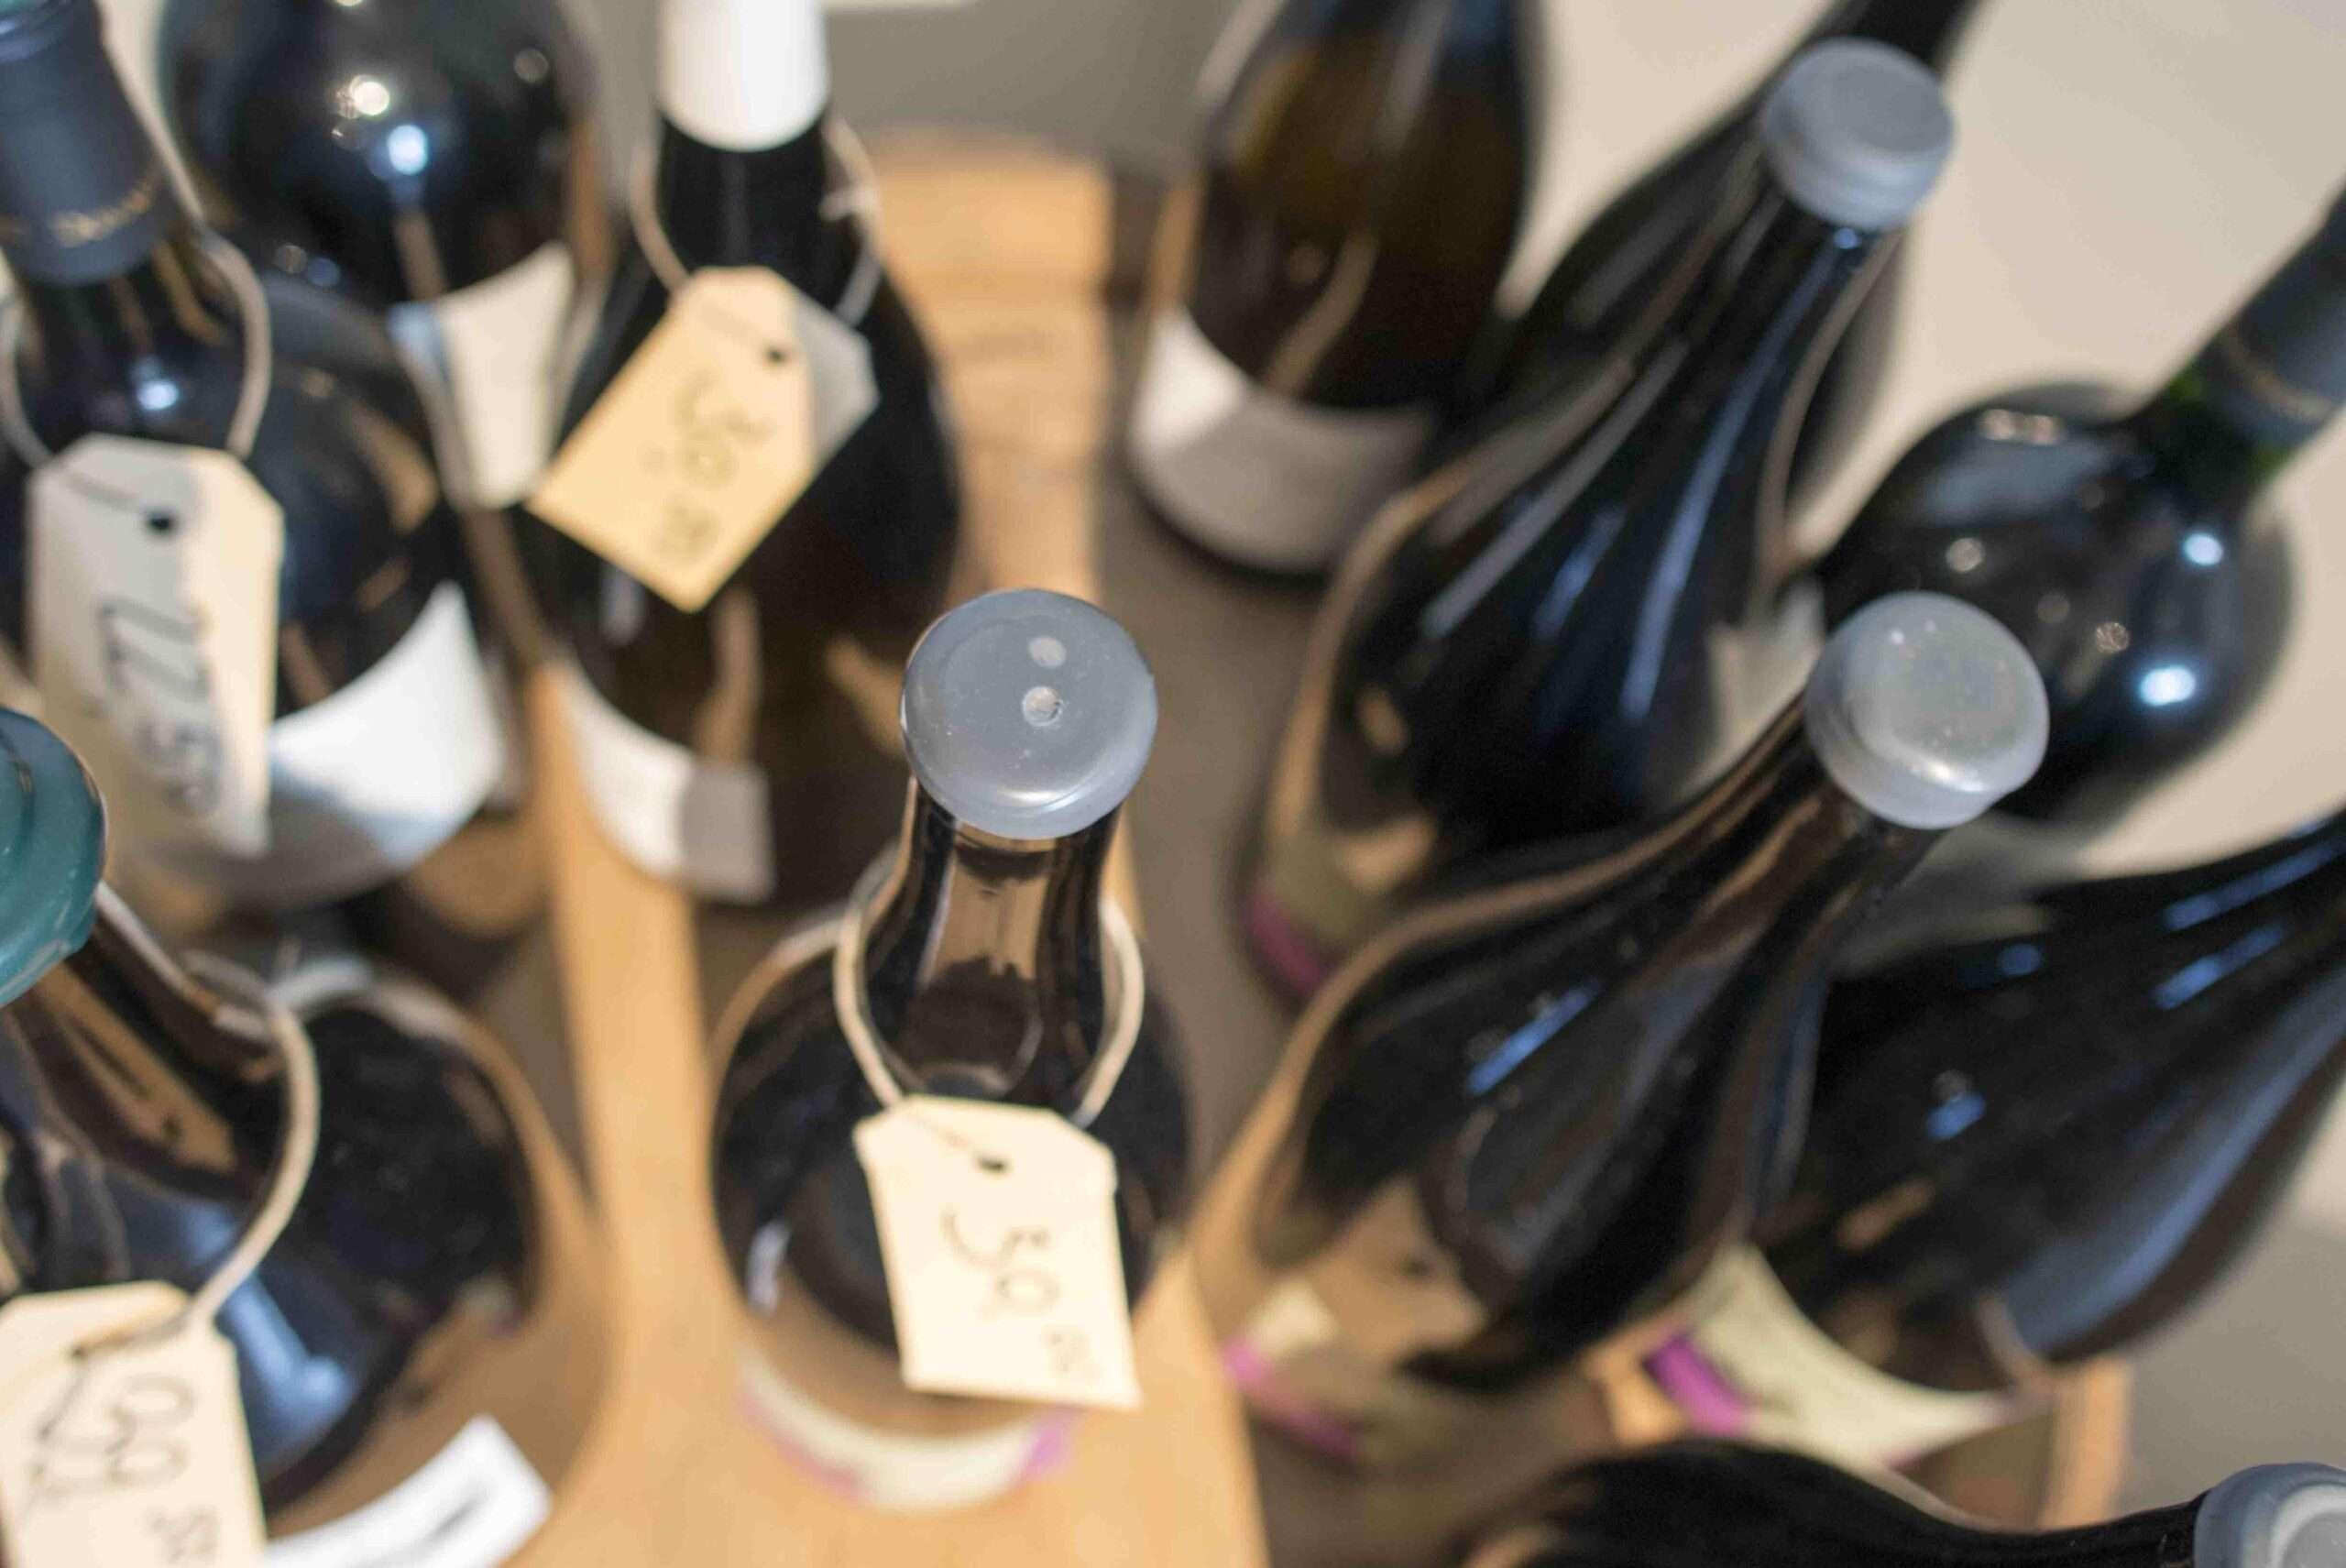 Juste Wijnkoperij, Middelburg, wijn, wijnimport, horeca, Walcheren, Zeeland (18)